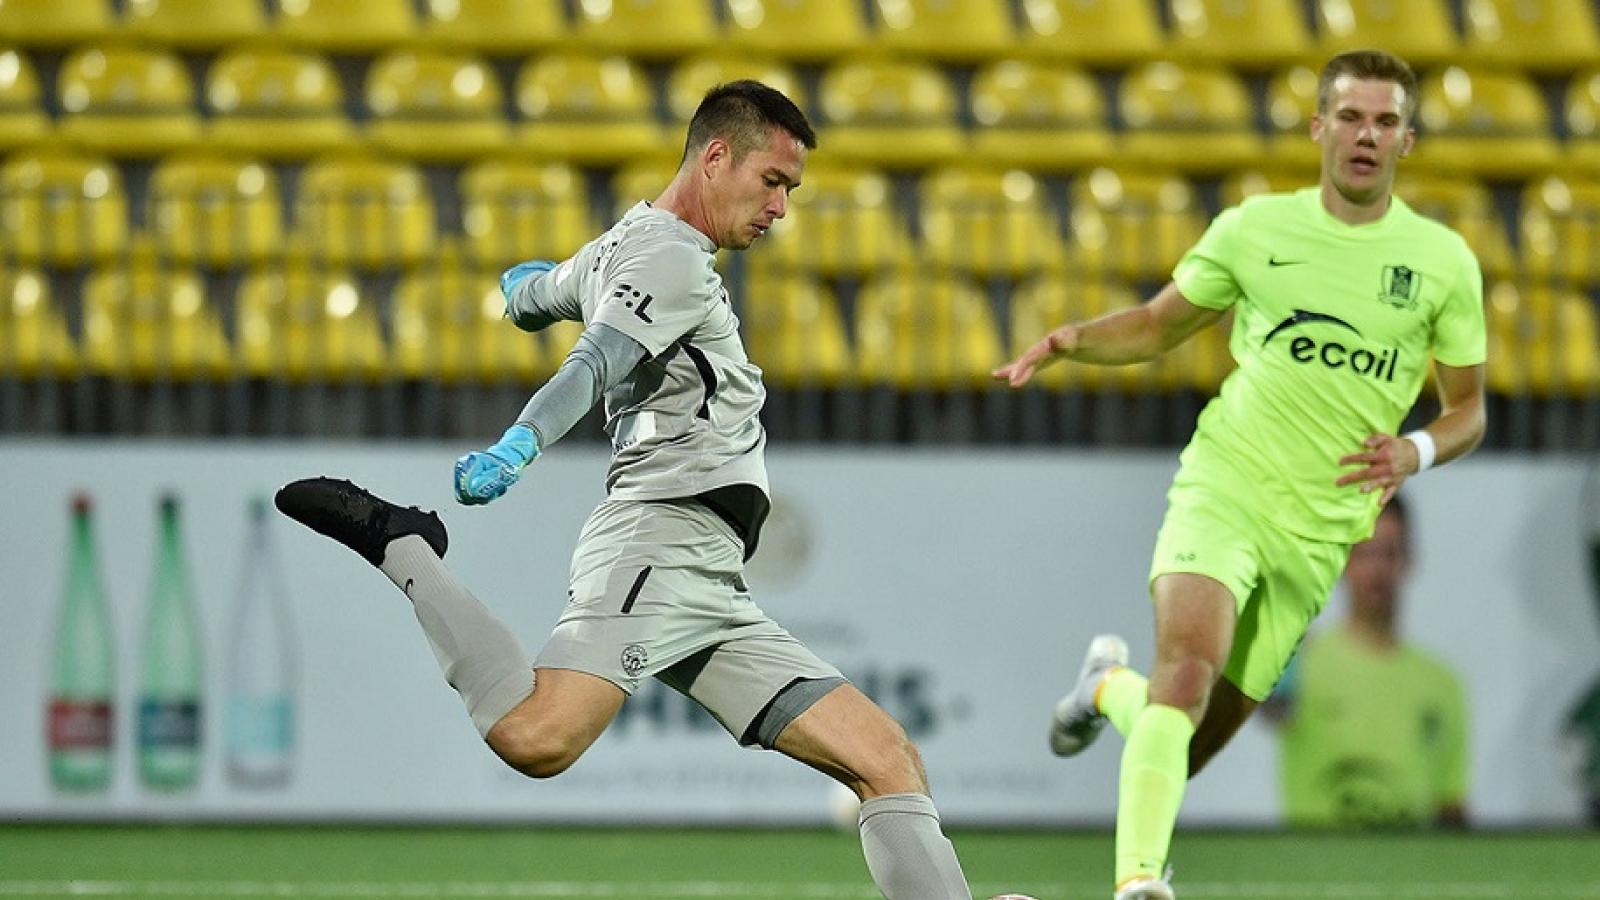 Filip Nguyễn lần đầu được đá vòng bảng Europa League cùng Slovan Liberec